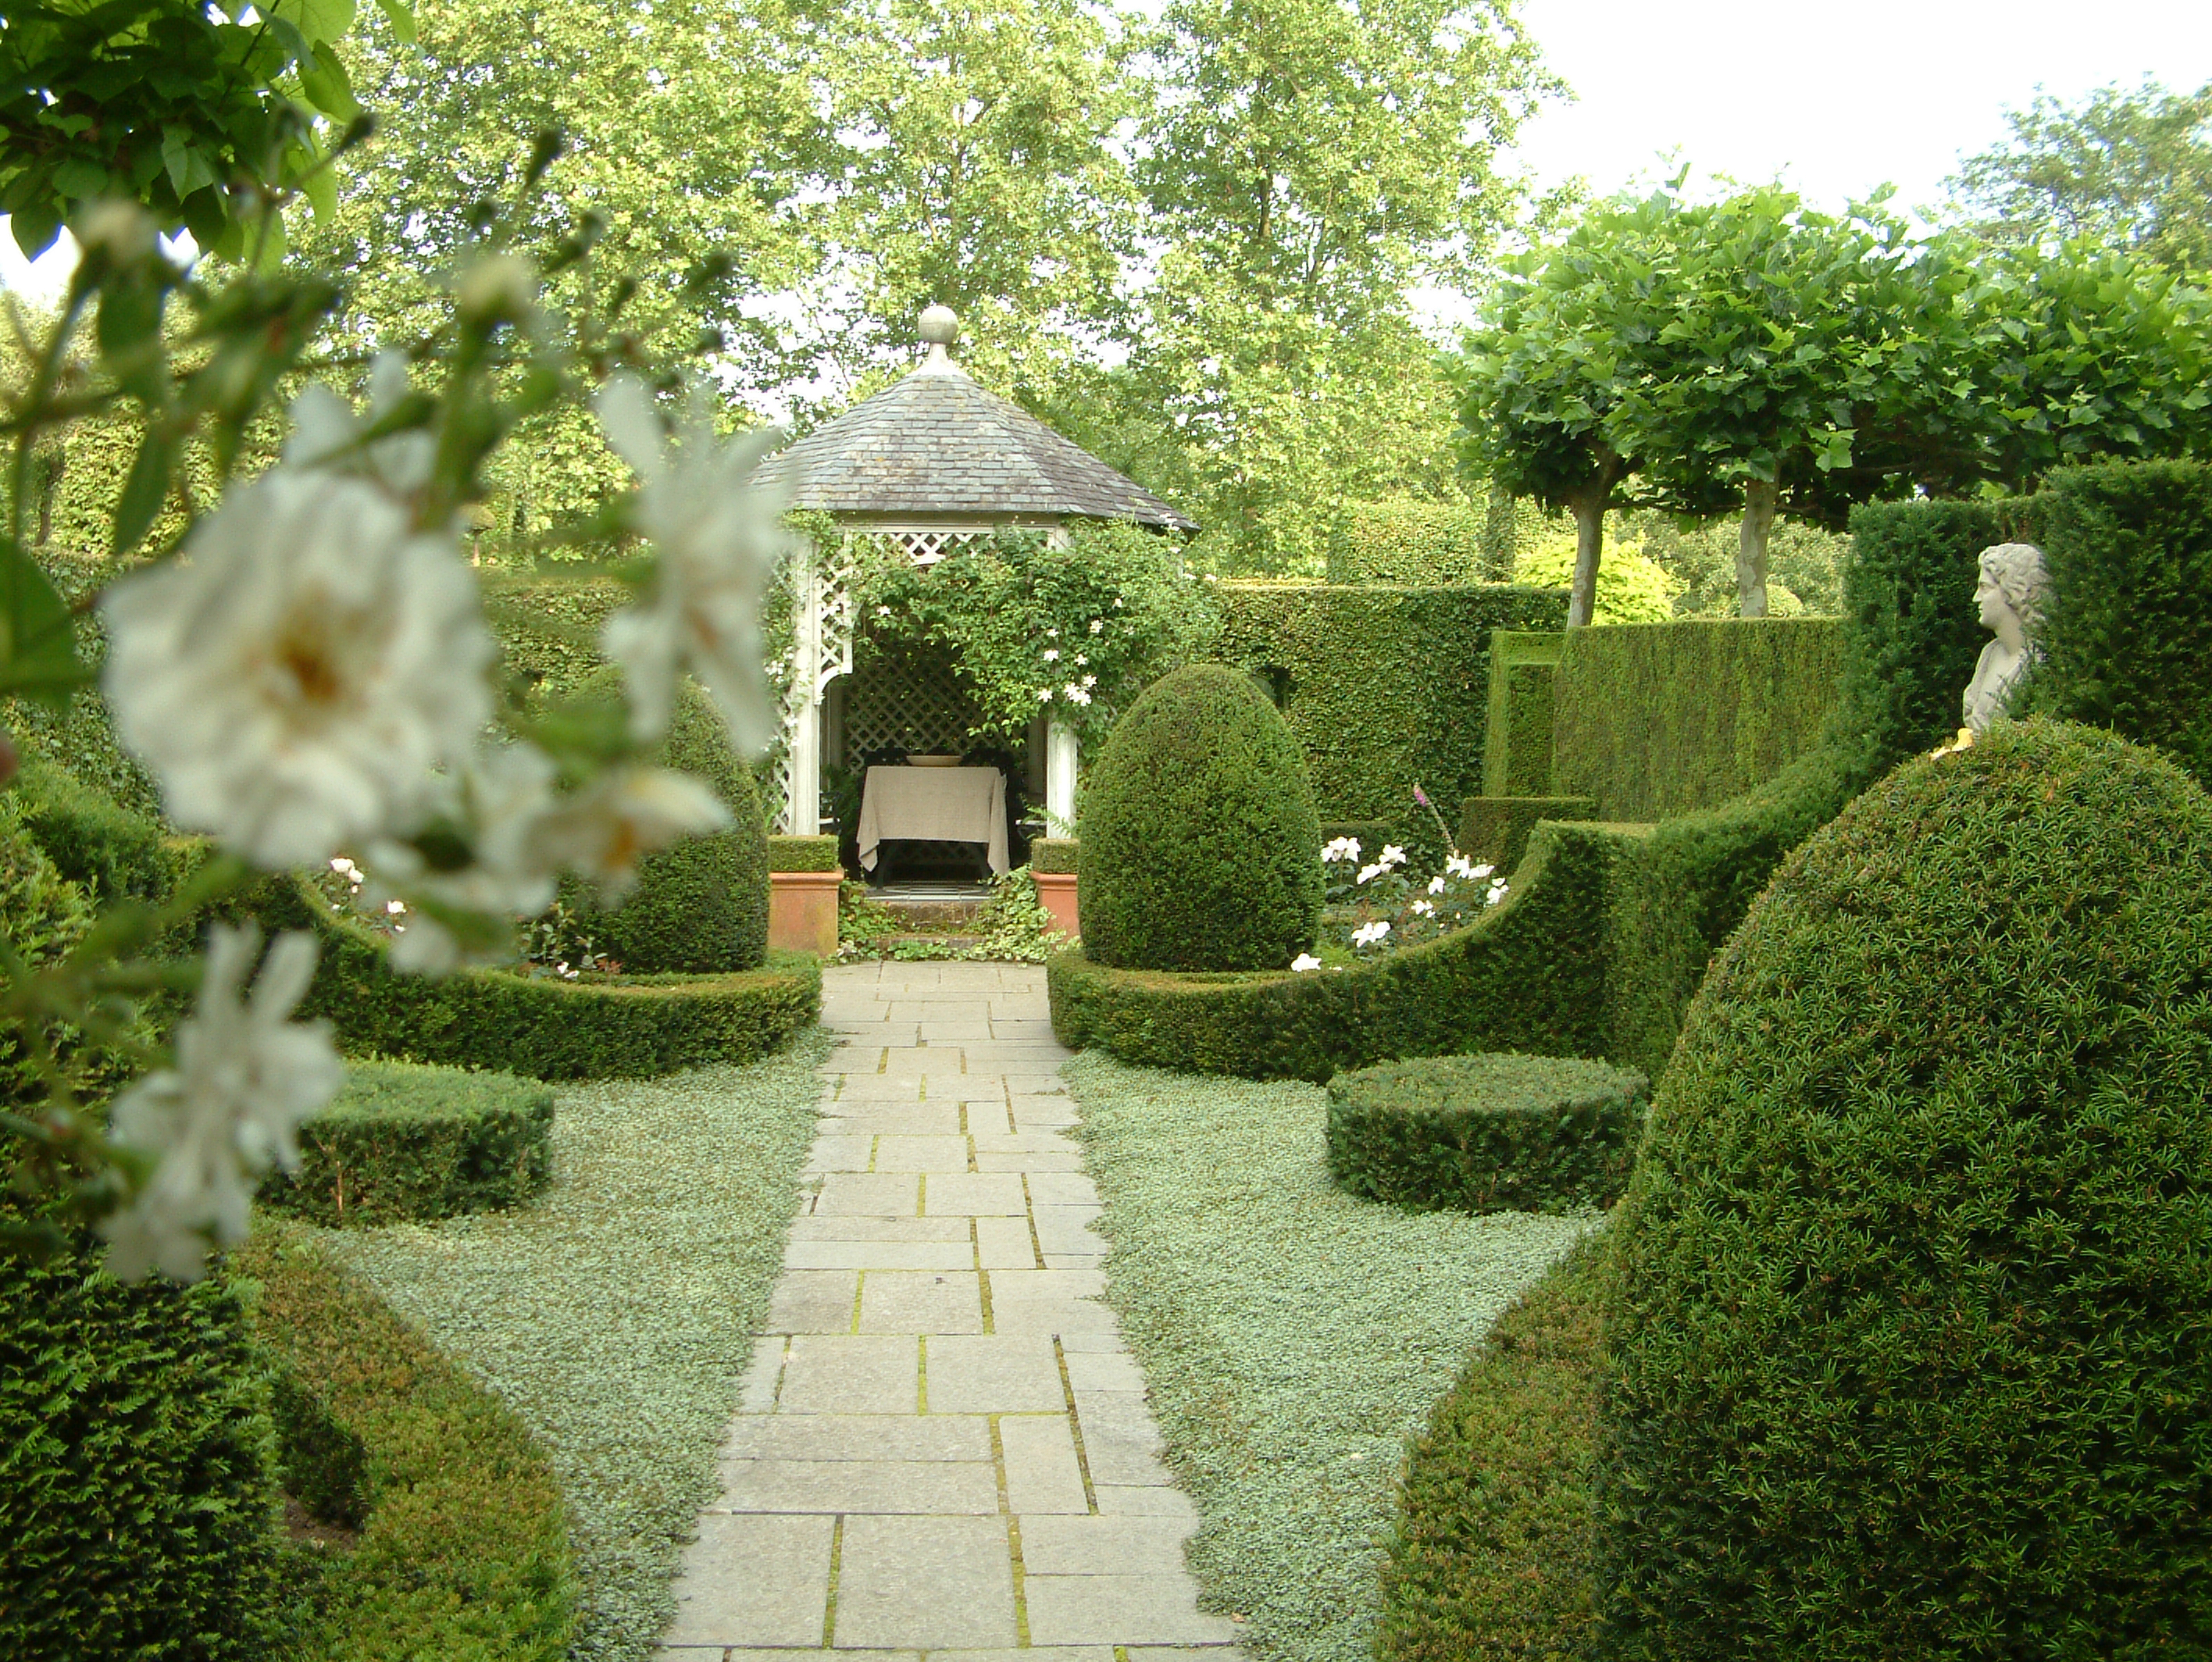 ... plek van de witte tuin is een tuin met veel groene structuur gekomen